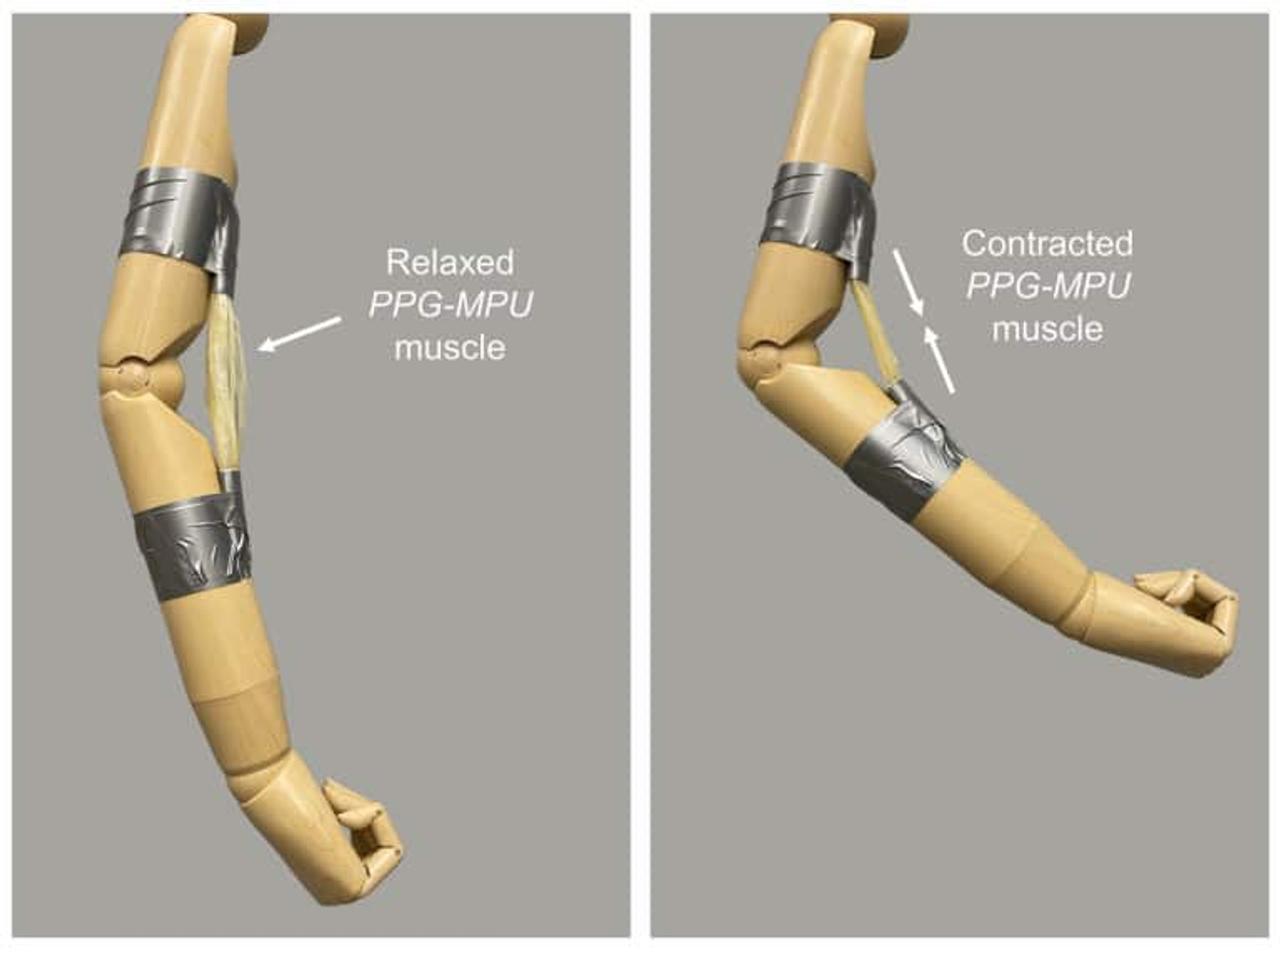 Искусственная мышца, активируемая теплом, может поднимать предметы в 5000 раз больше собственного веса